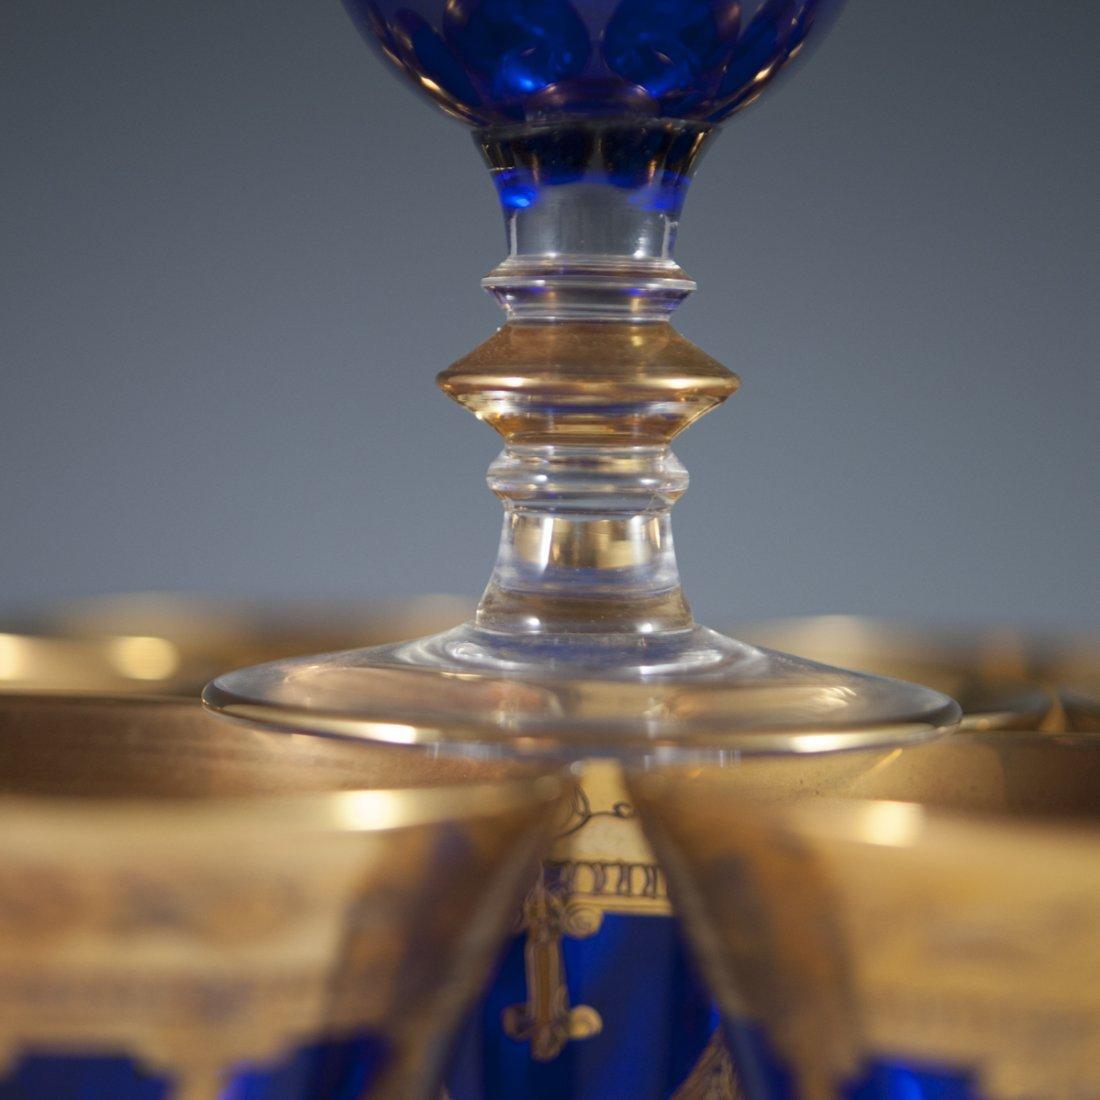 Interglass 24kt Overlay Cobalt Goblets - 4